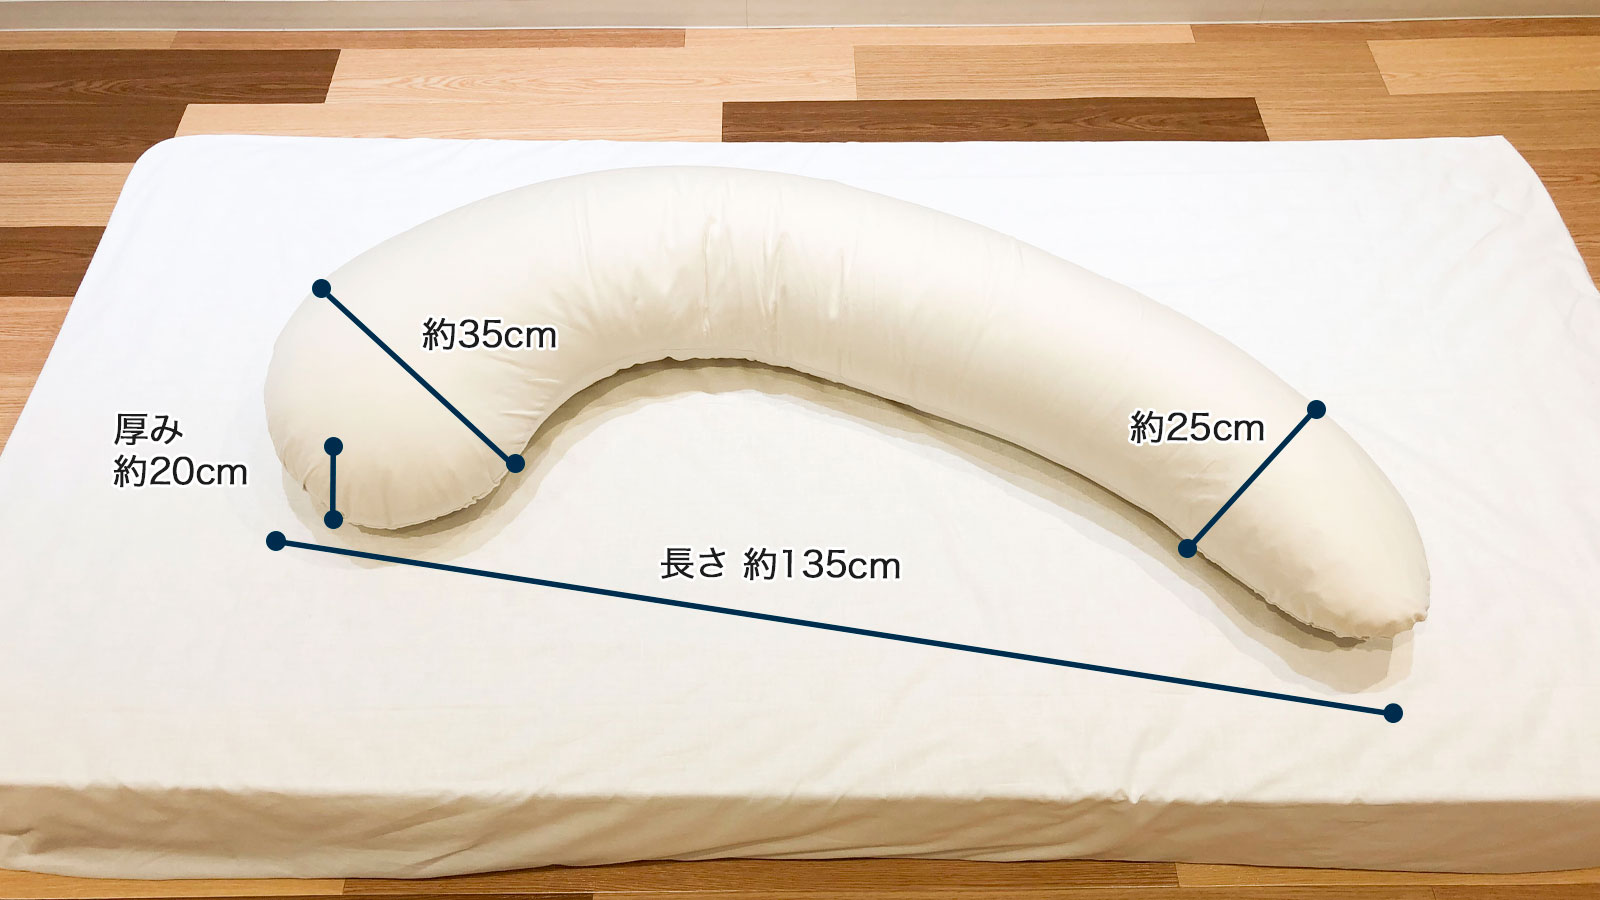 長さ135cm 厚み20cm 上部幅約35cm 下部幅25cm